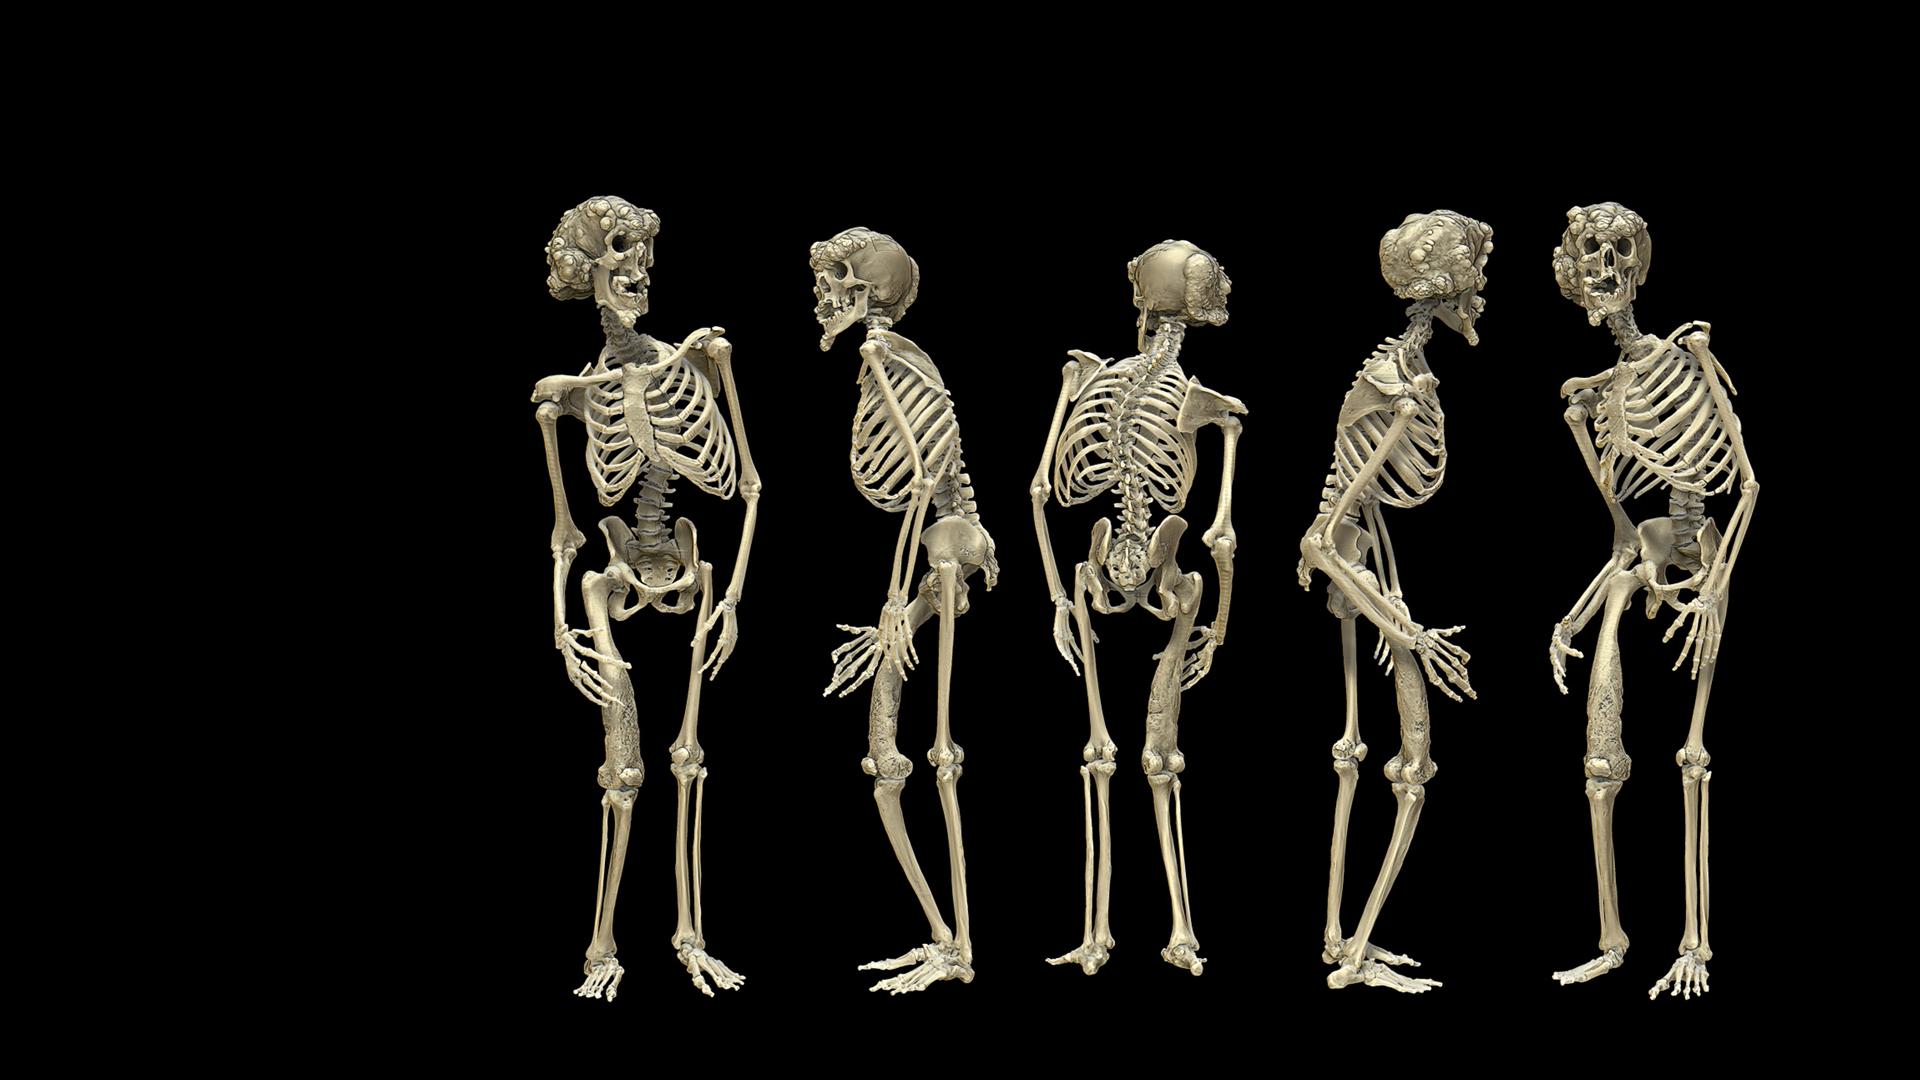 Elephant Man - Joseph Carrey Merrick - Modèle 3D du squelette